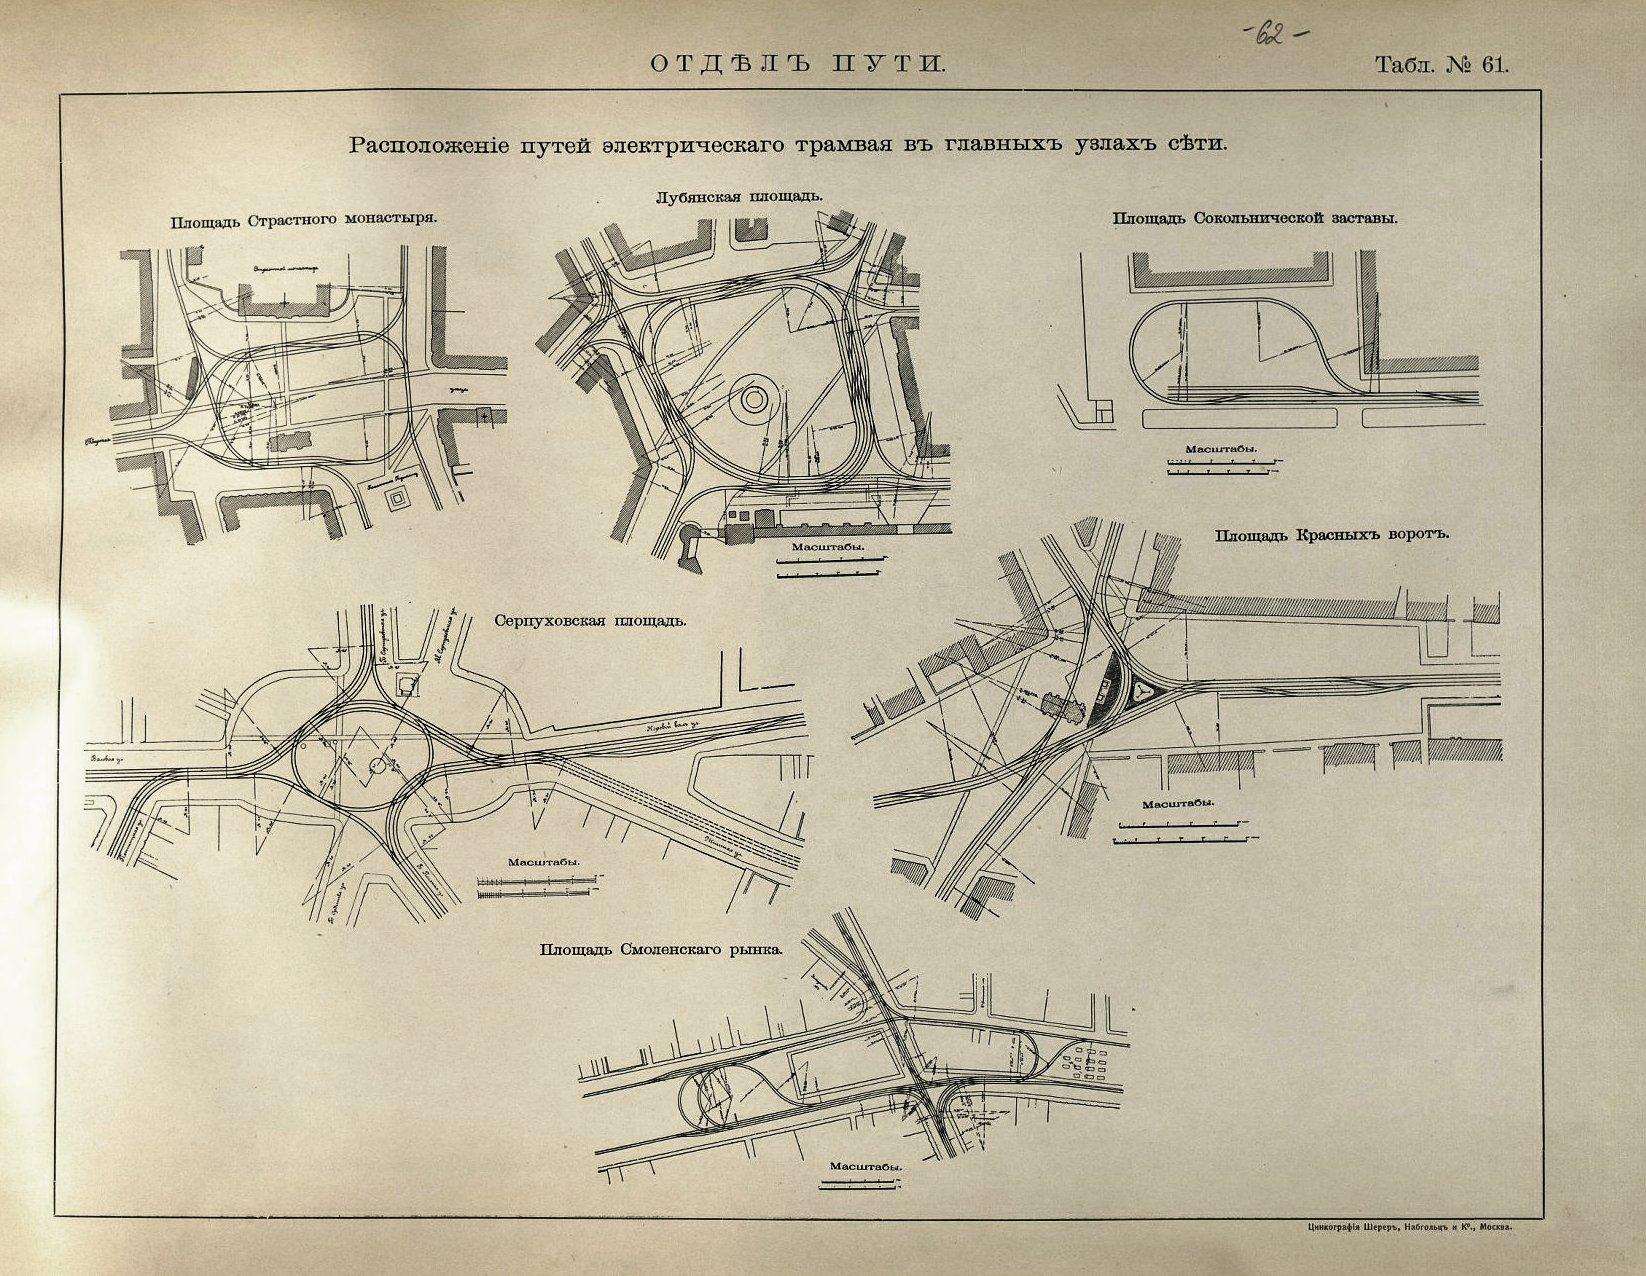 62. Расположение путей электрического трамвая в главных узлах сети